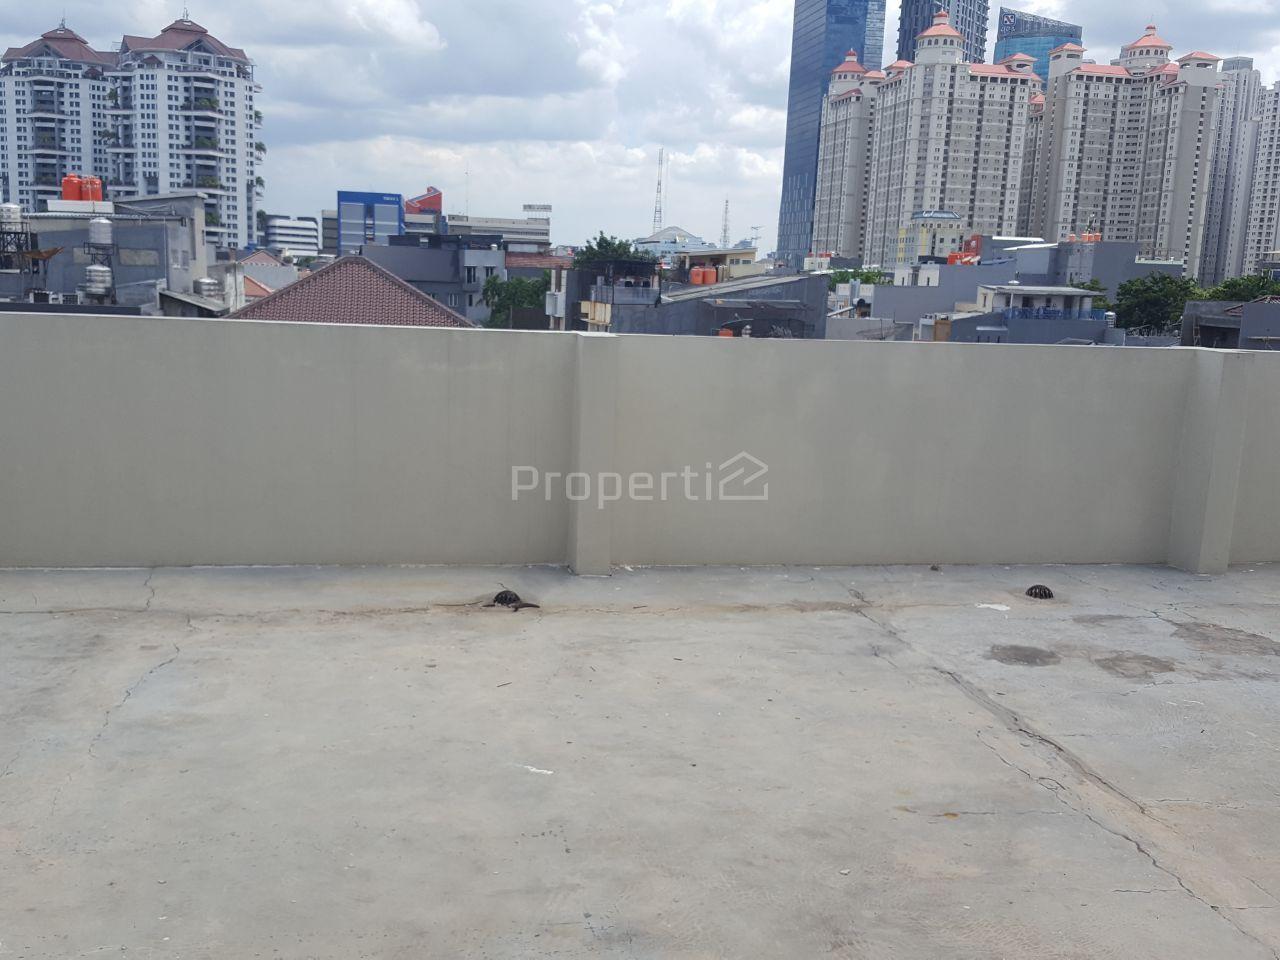 Rumah Kost Baru Strategis di Tanjung Duren, Grogol Petamburan